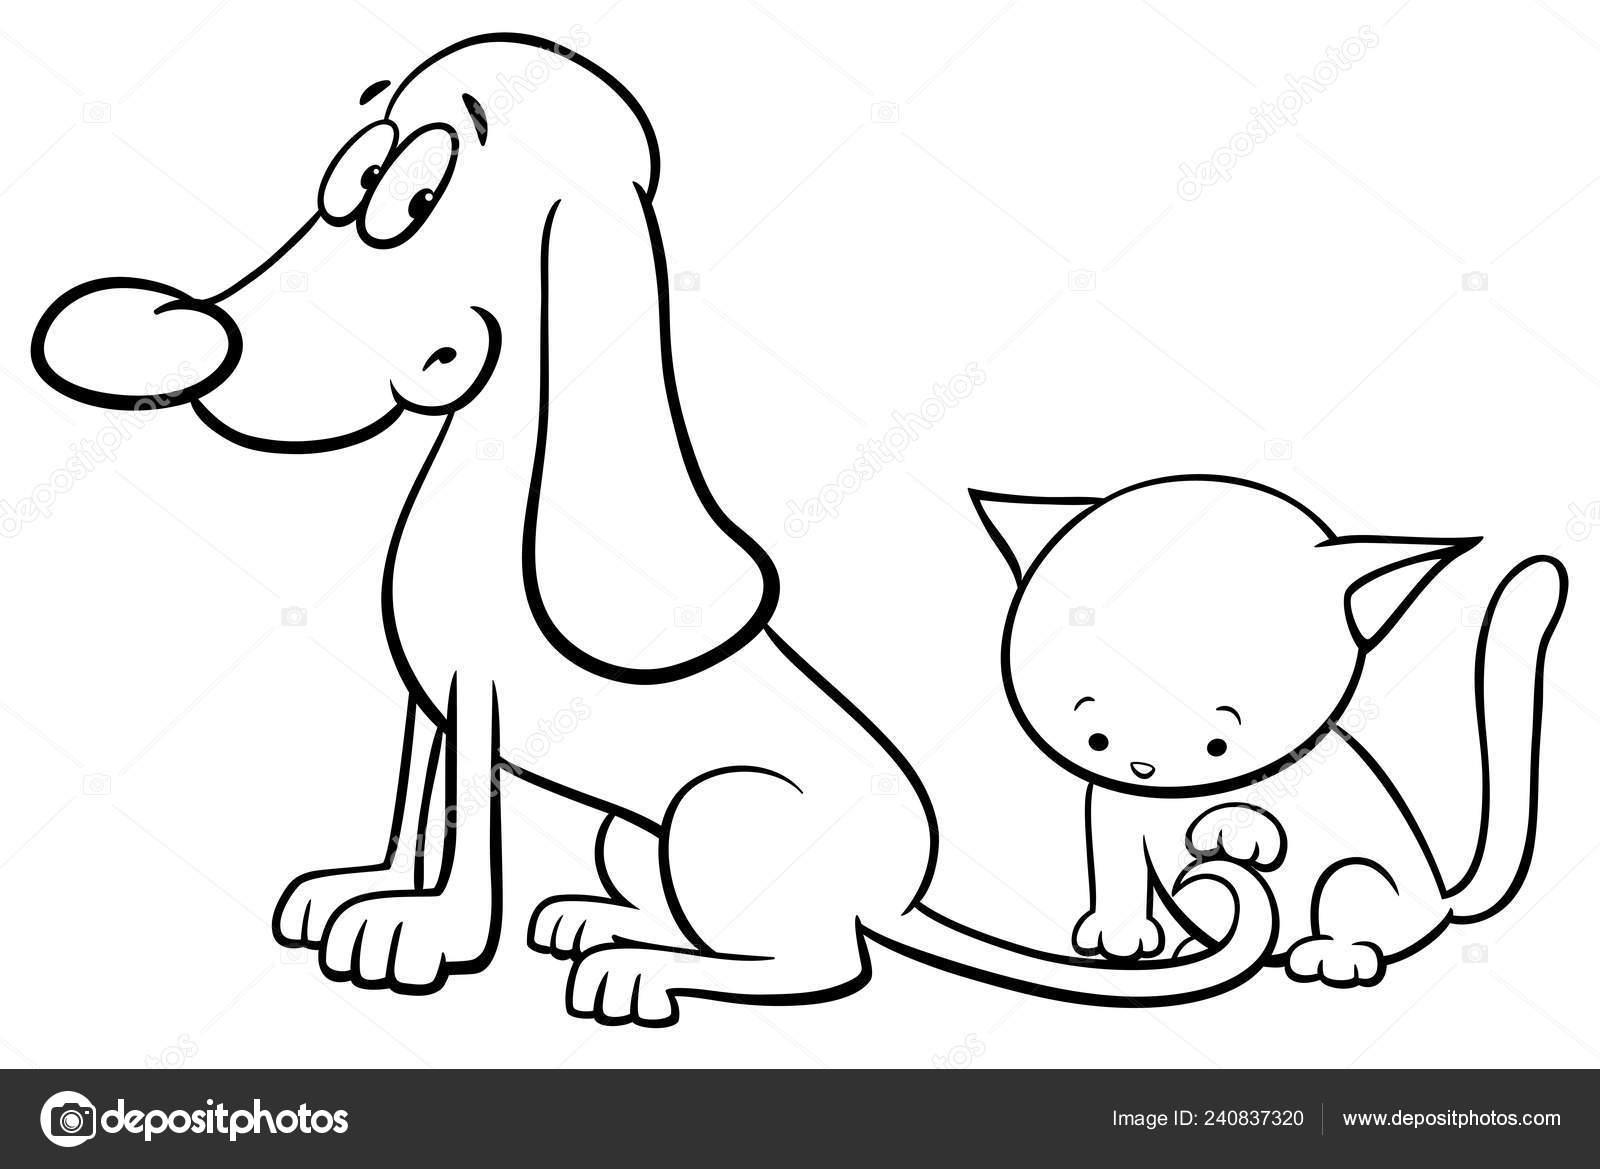 Ilustración Dibujos Animados Blanco Negro Del Perro Gatito